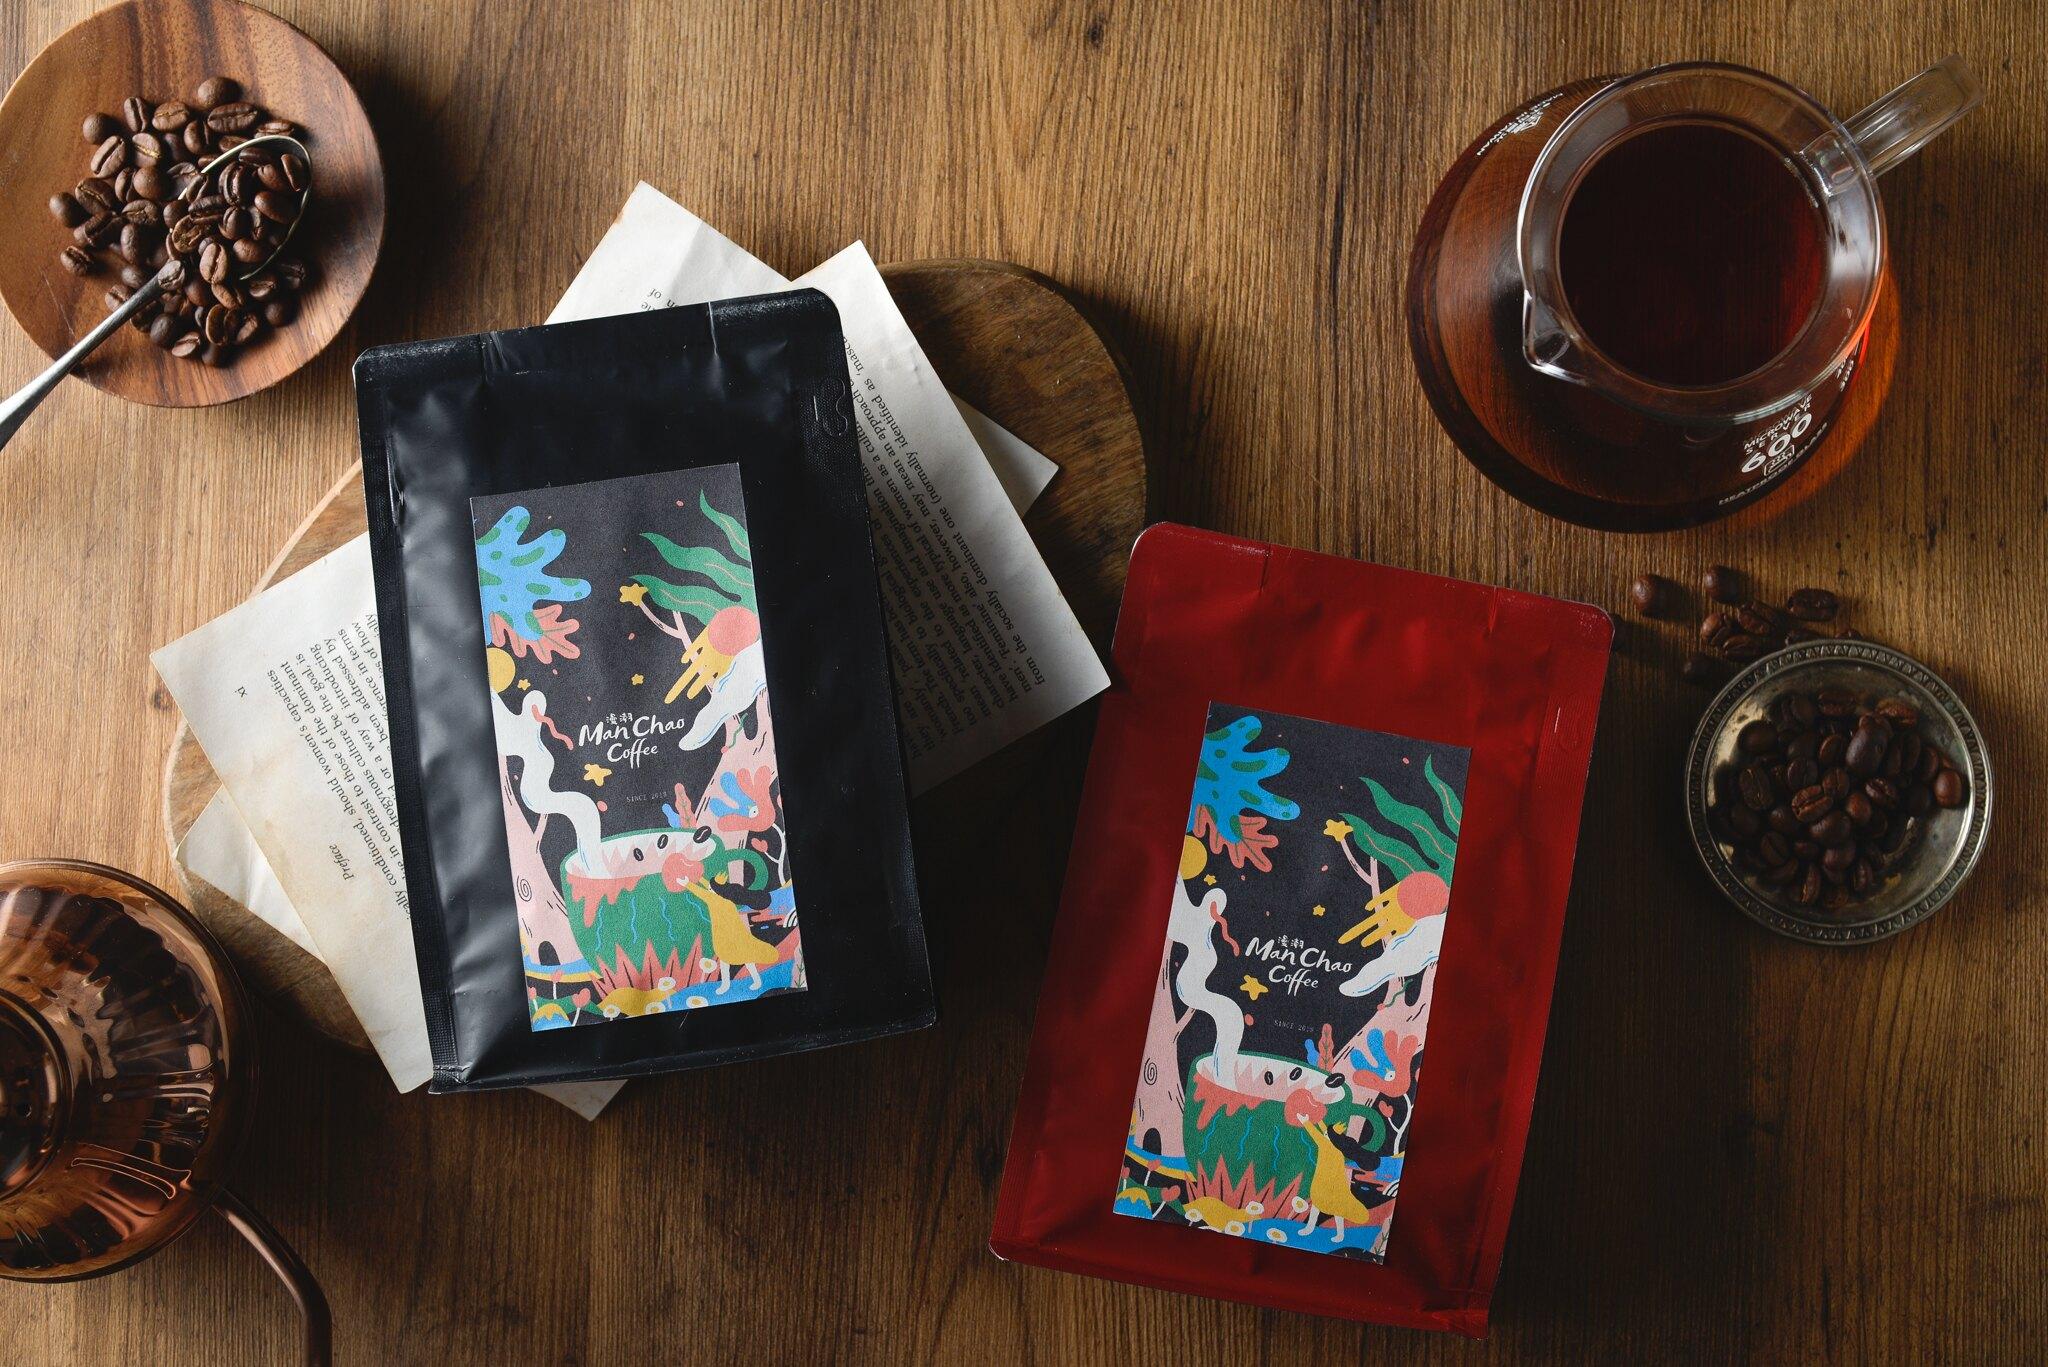 馬拉威-穆珠珠 波卡合作社(水洗) (Malawi-Mzuzu Phoka Cooperative) 咖啡豆(半磅/一磅) 漫潮咖啡